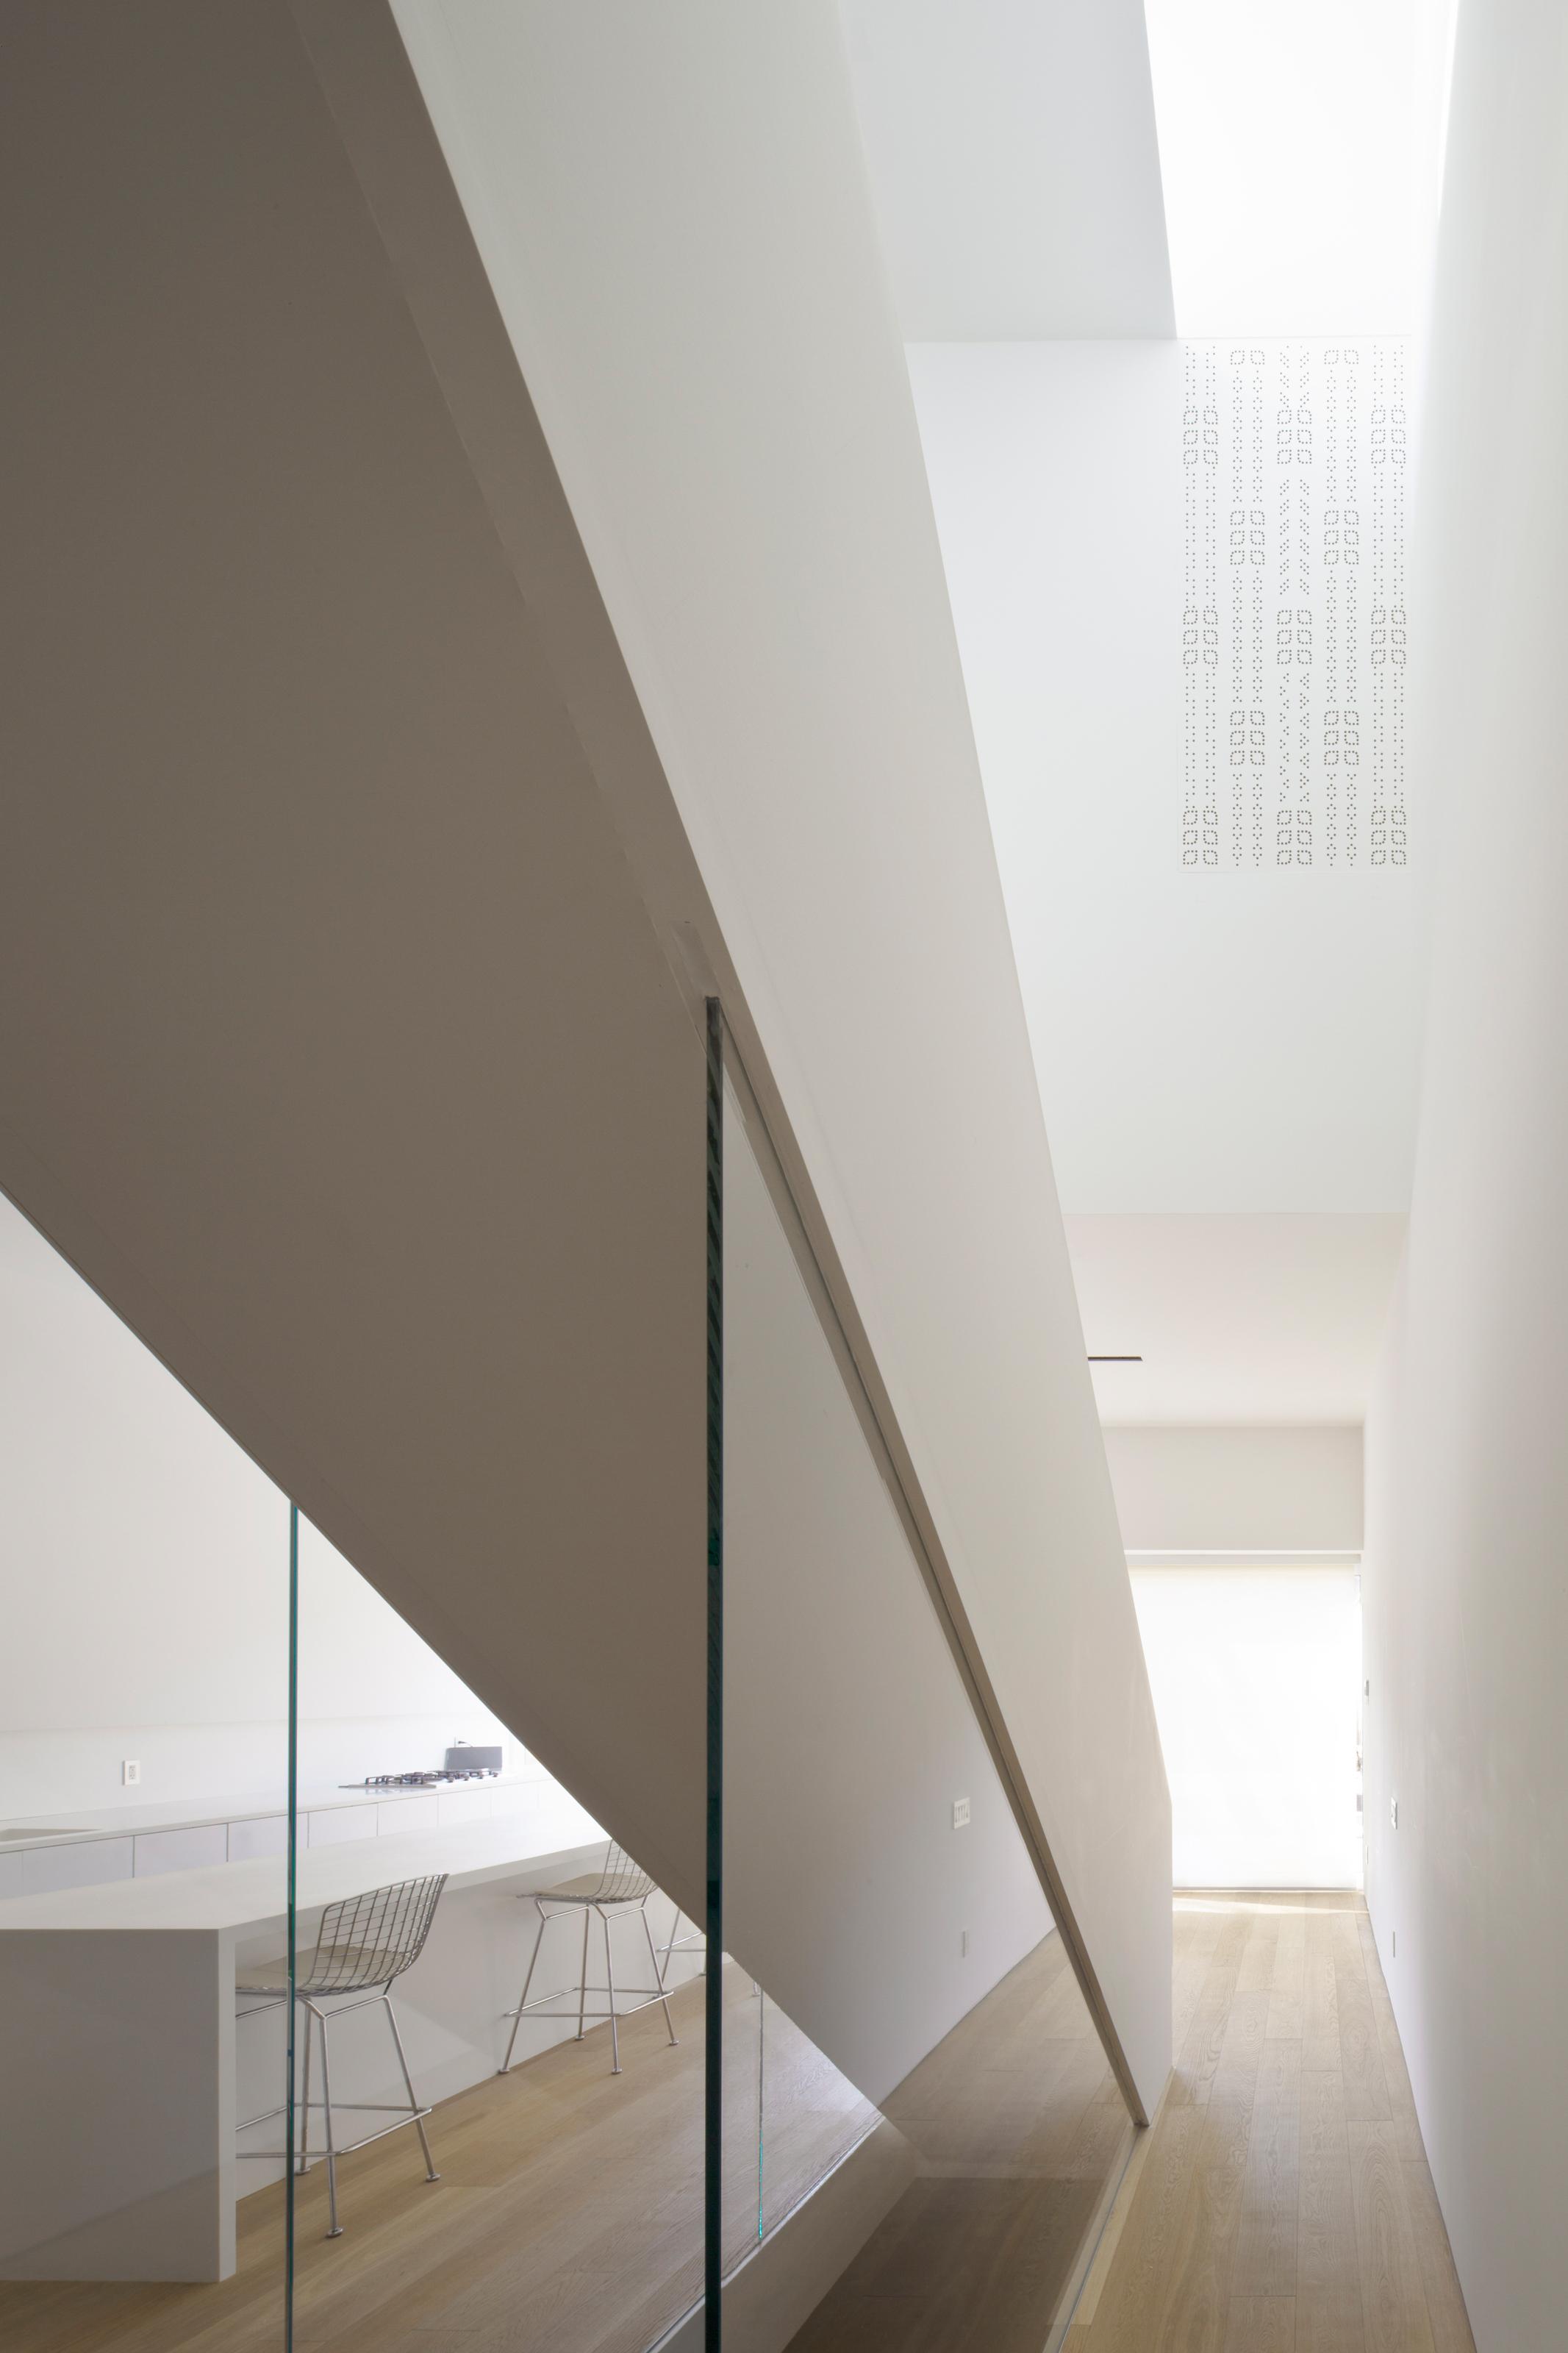 Robert House - Stair interior glass fritt